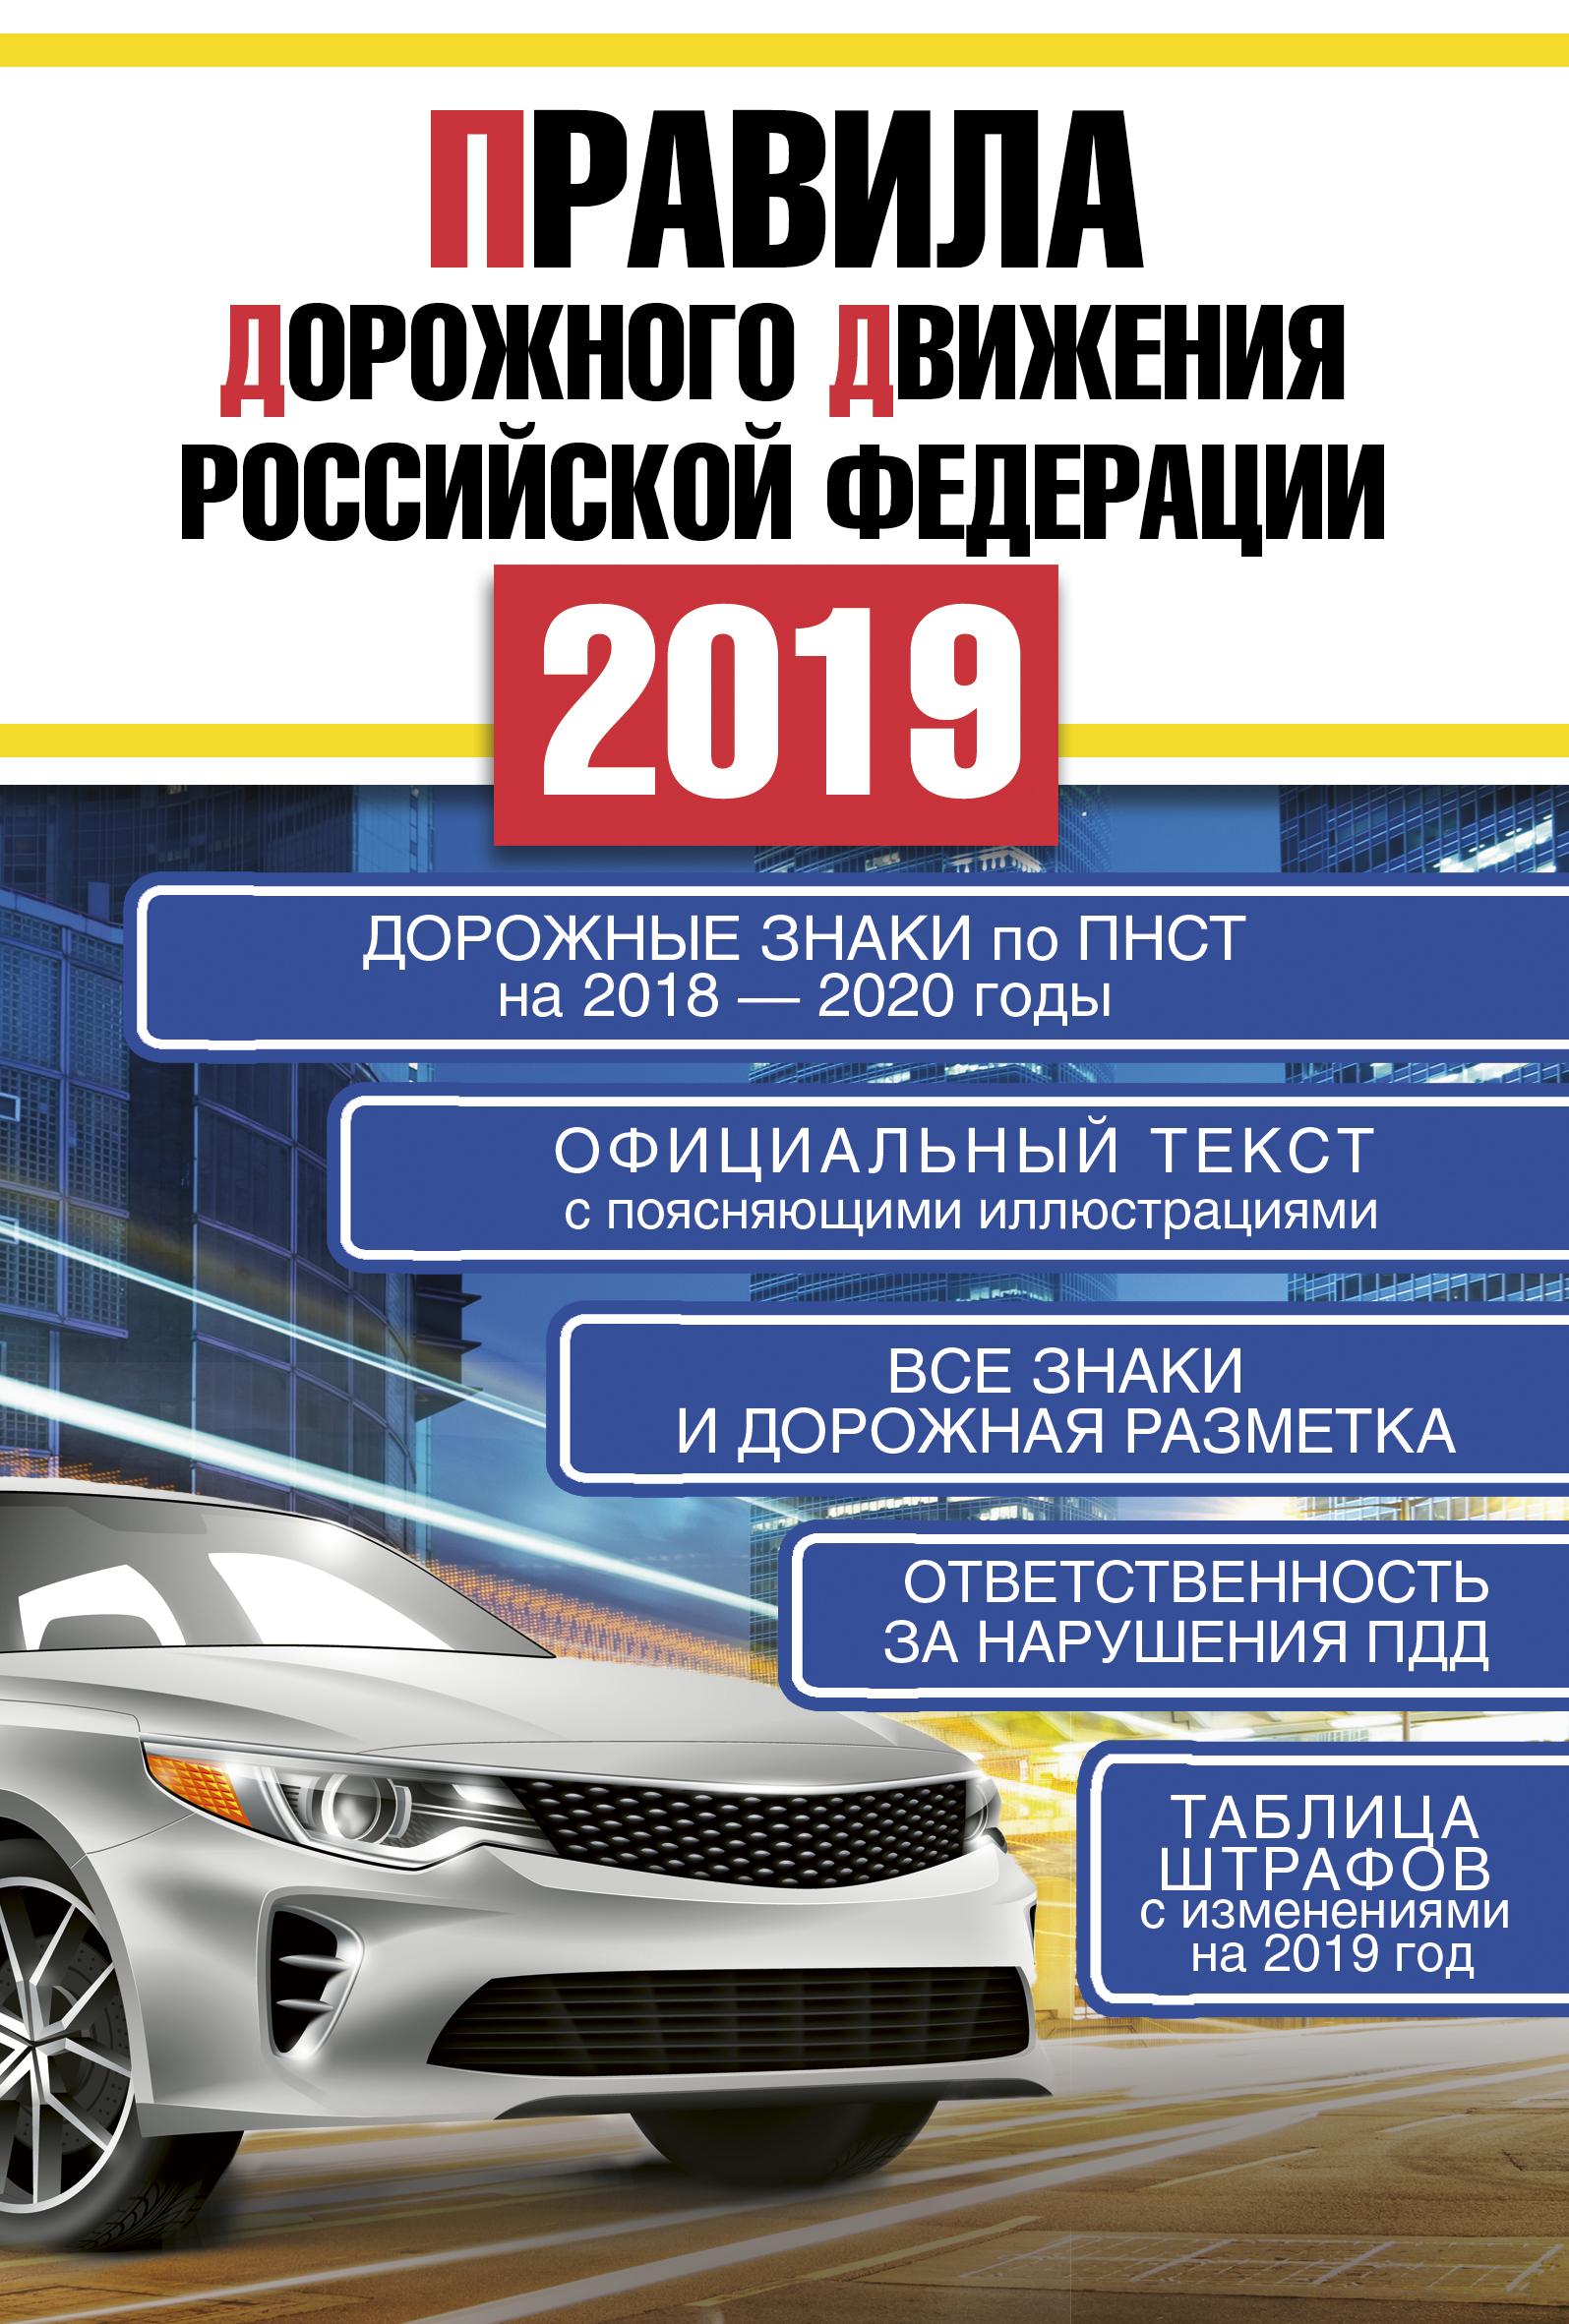 Жульнев Н.Я. Правила дорожного движения Российской Федерации на 2019 год